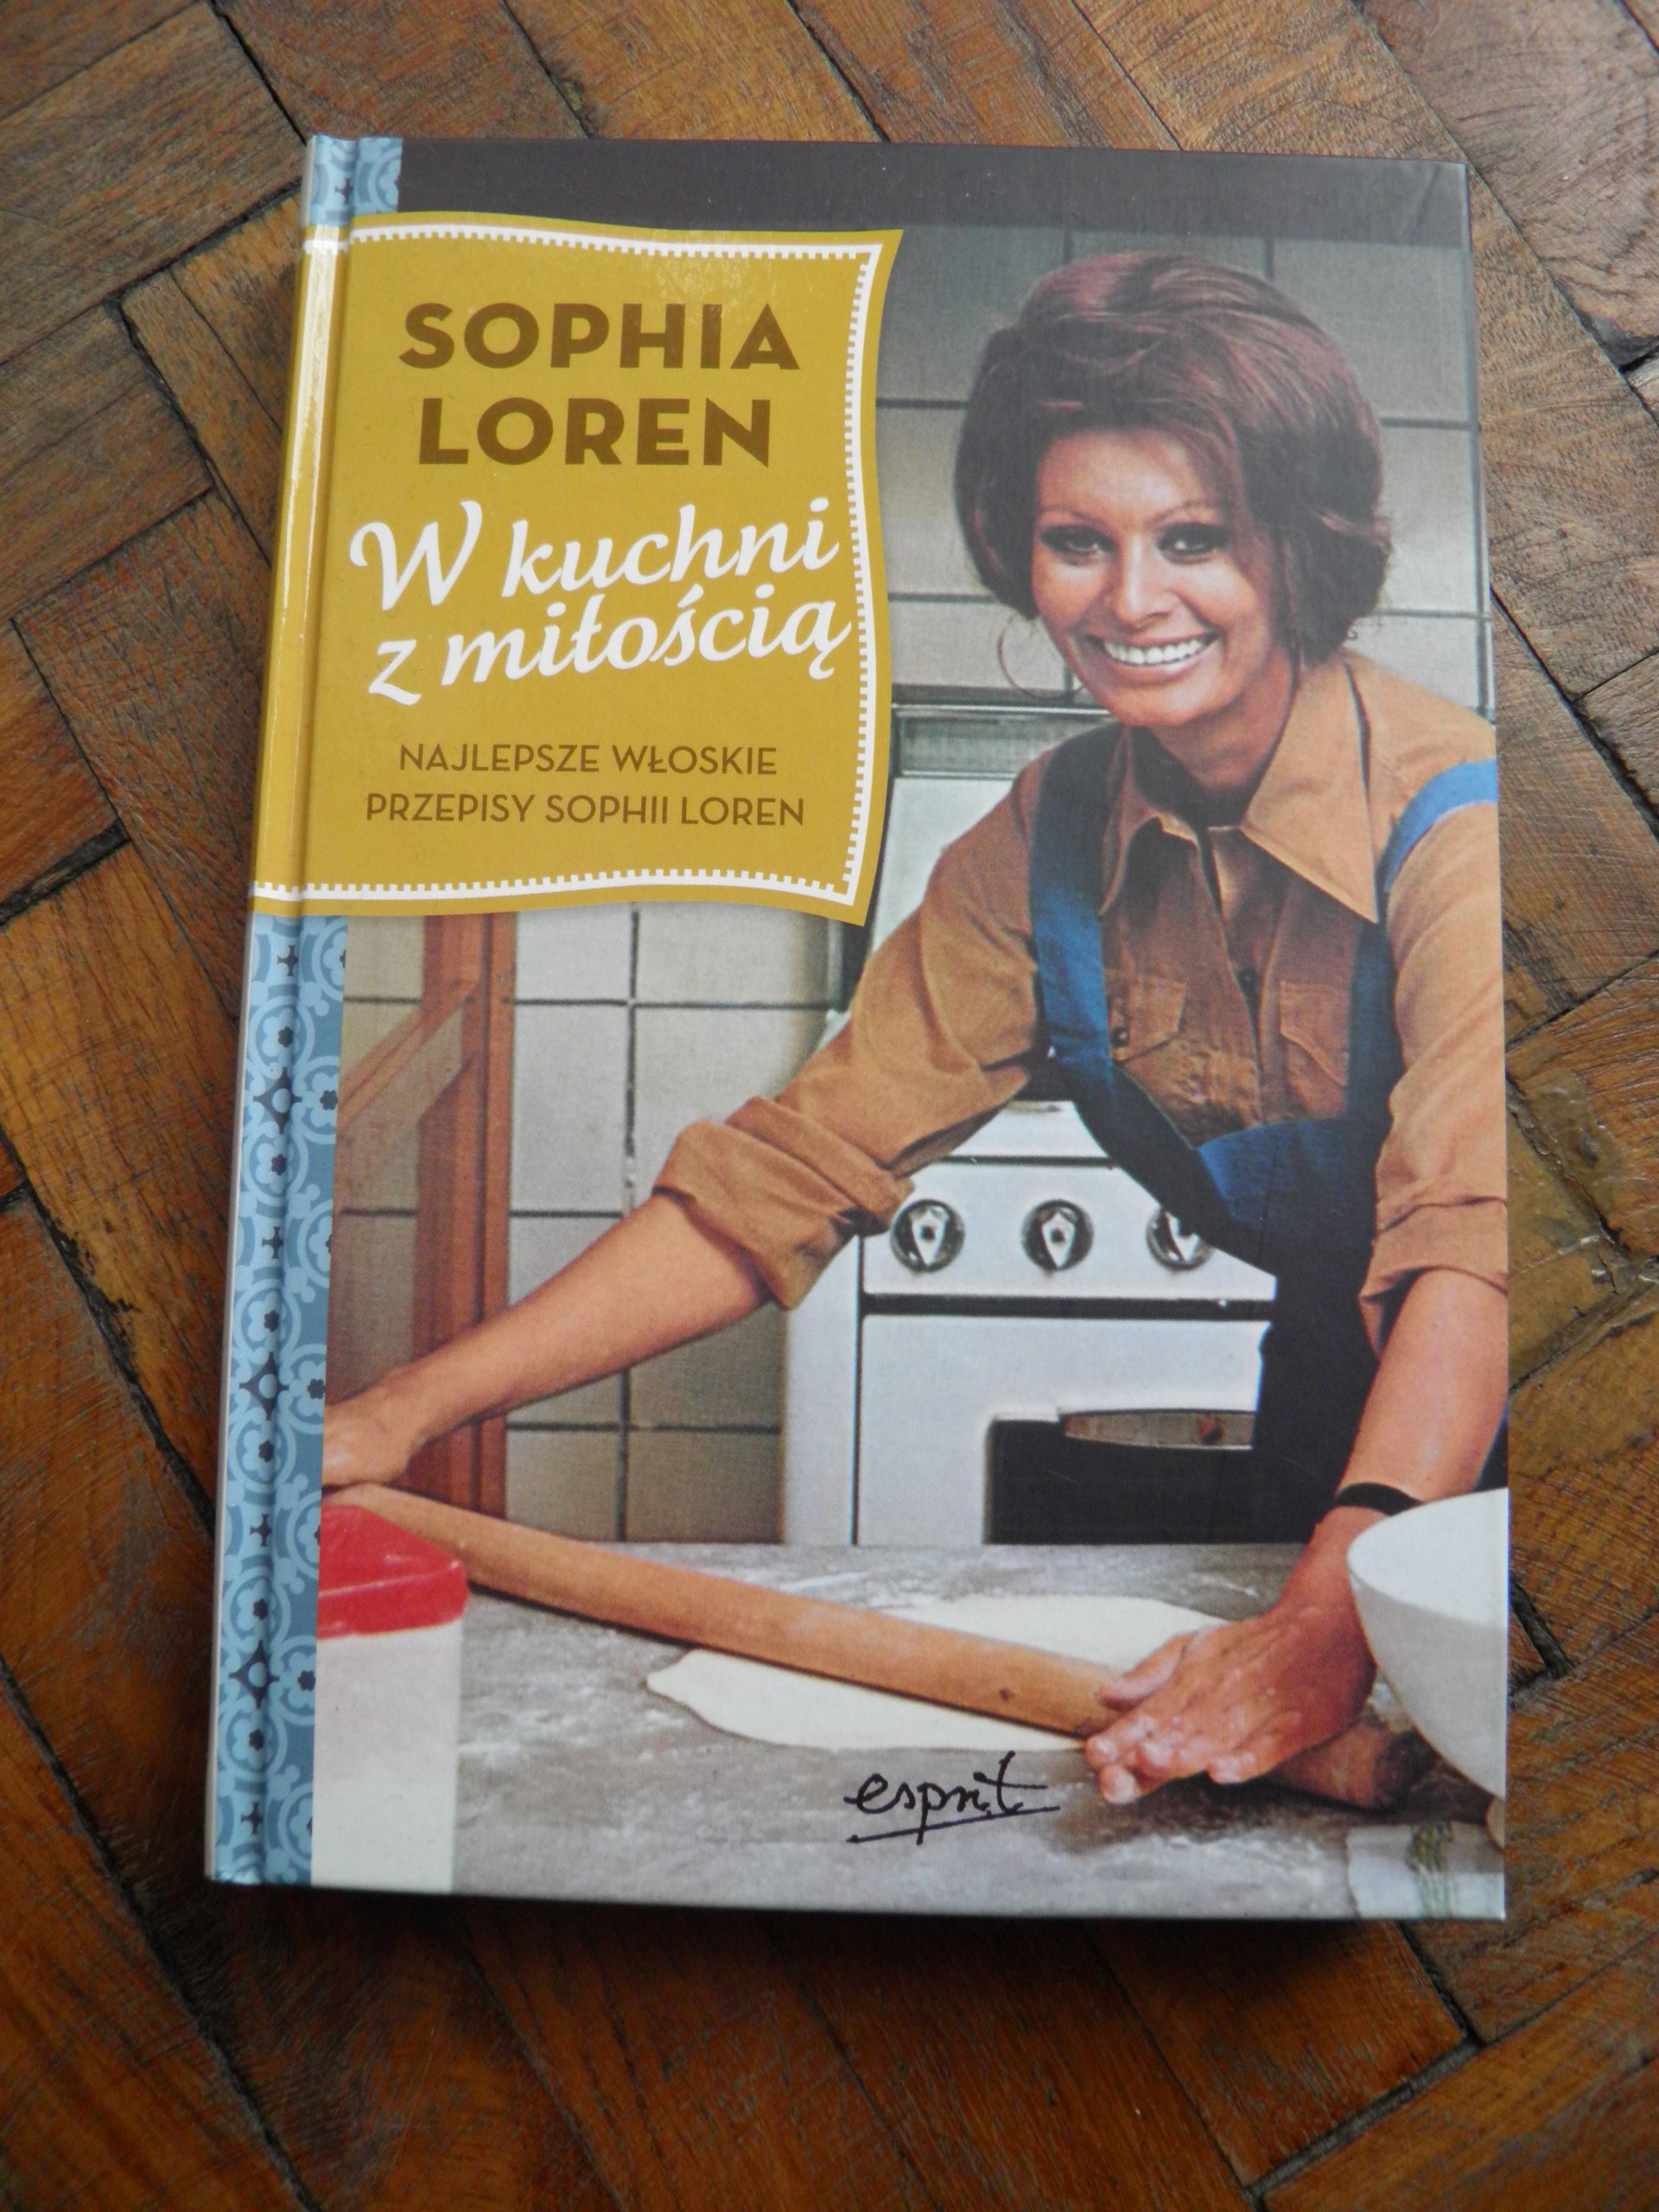 W Kuchni Z Miłością Sophia Loren Wysyłka Gratis 7425111115